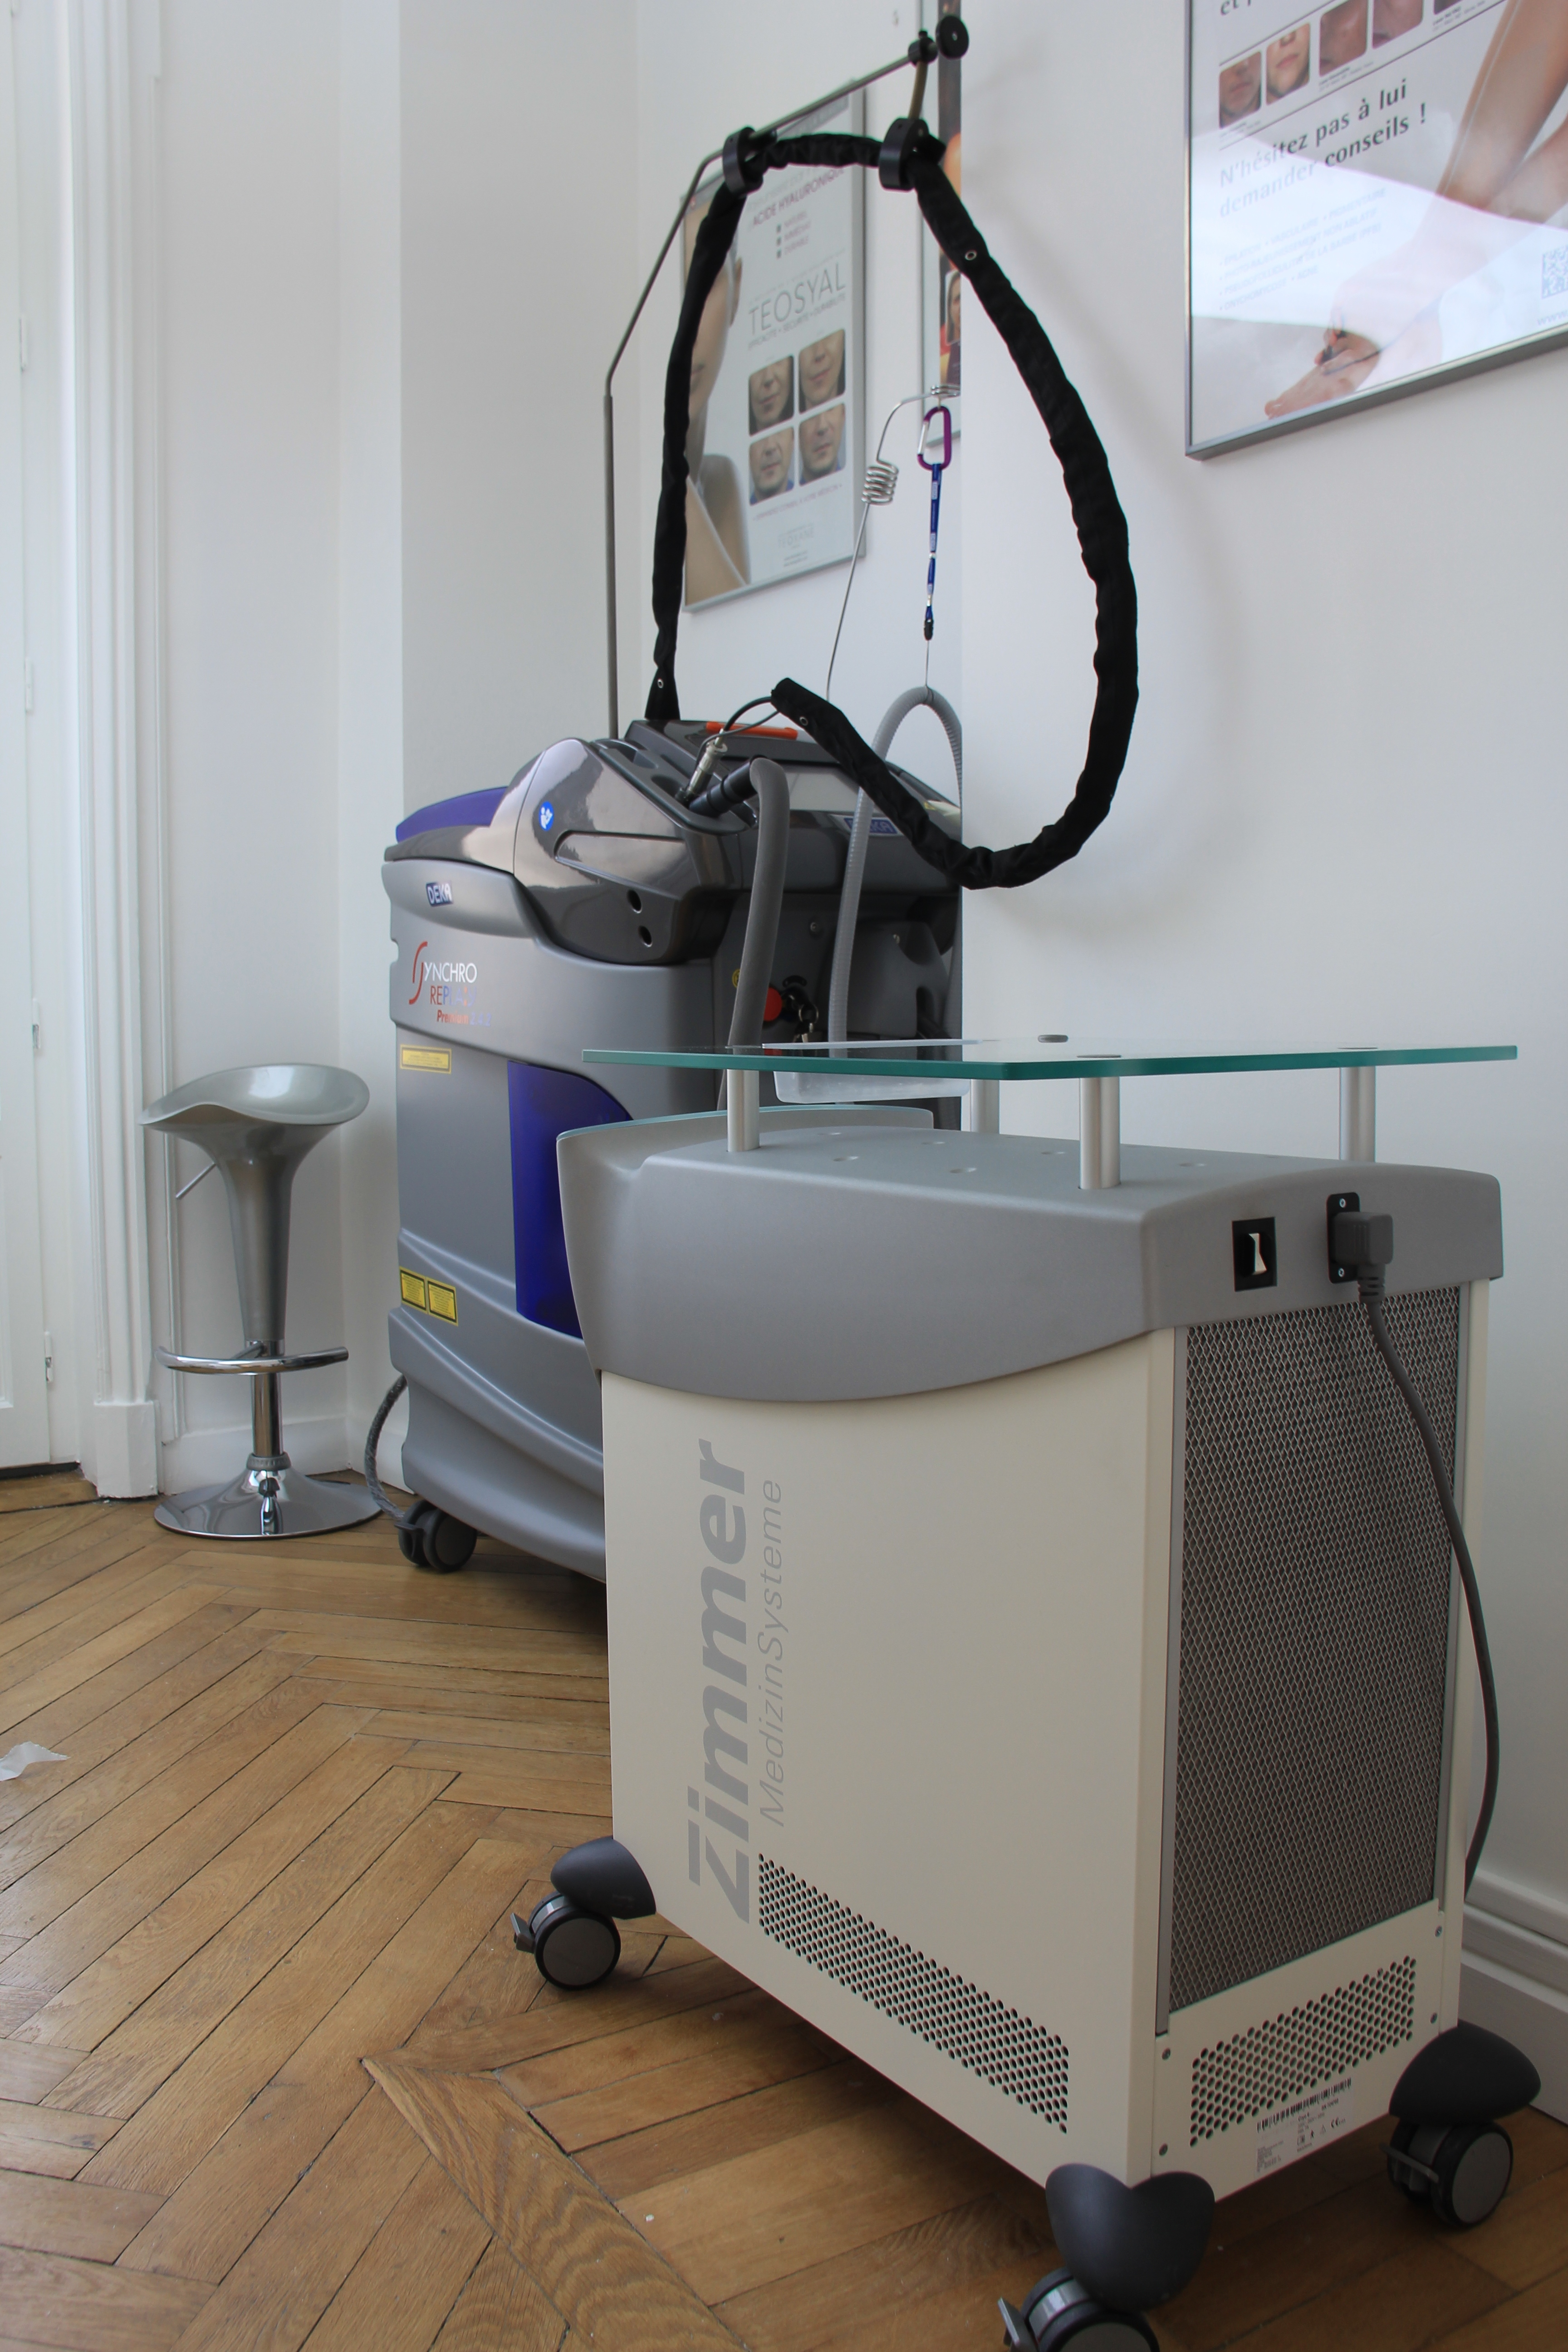 epilation d finitive au laser lyon m decin las riste m decine esth tique lyon. Black Bedroom Furniture Sets. Home Design Ideas